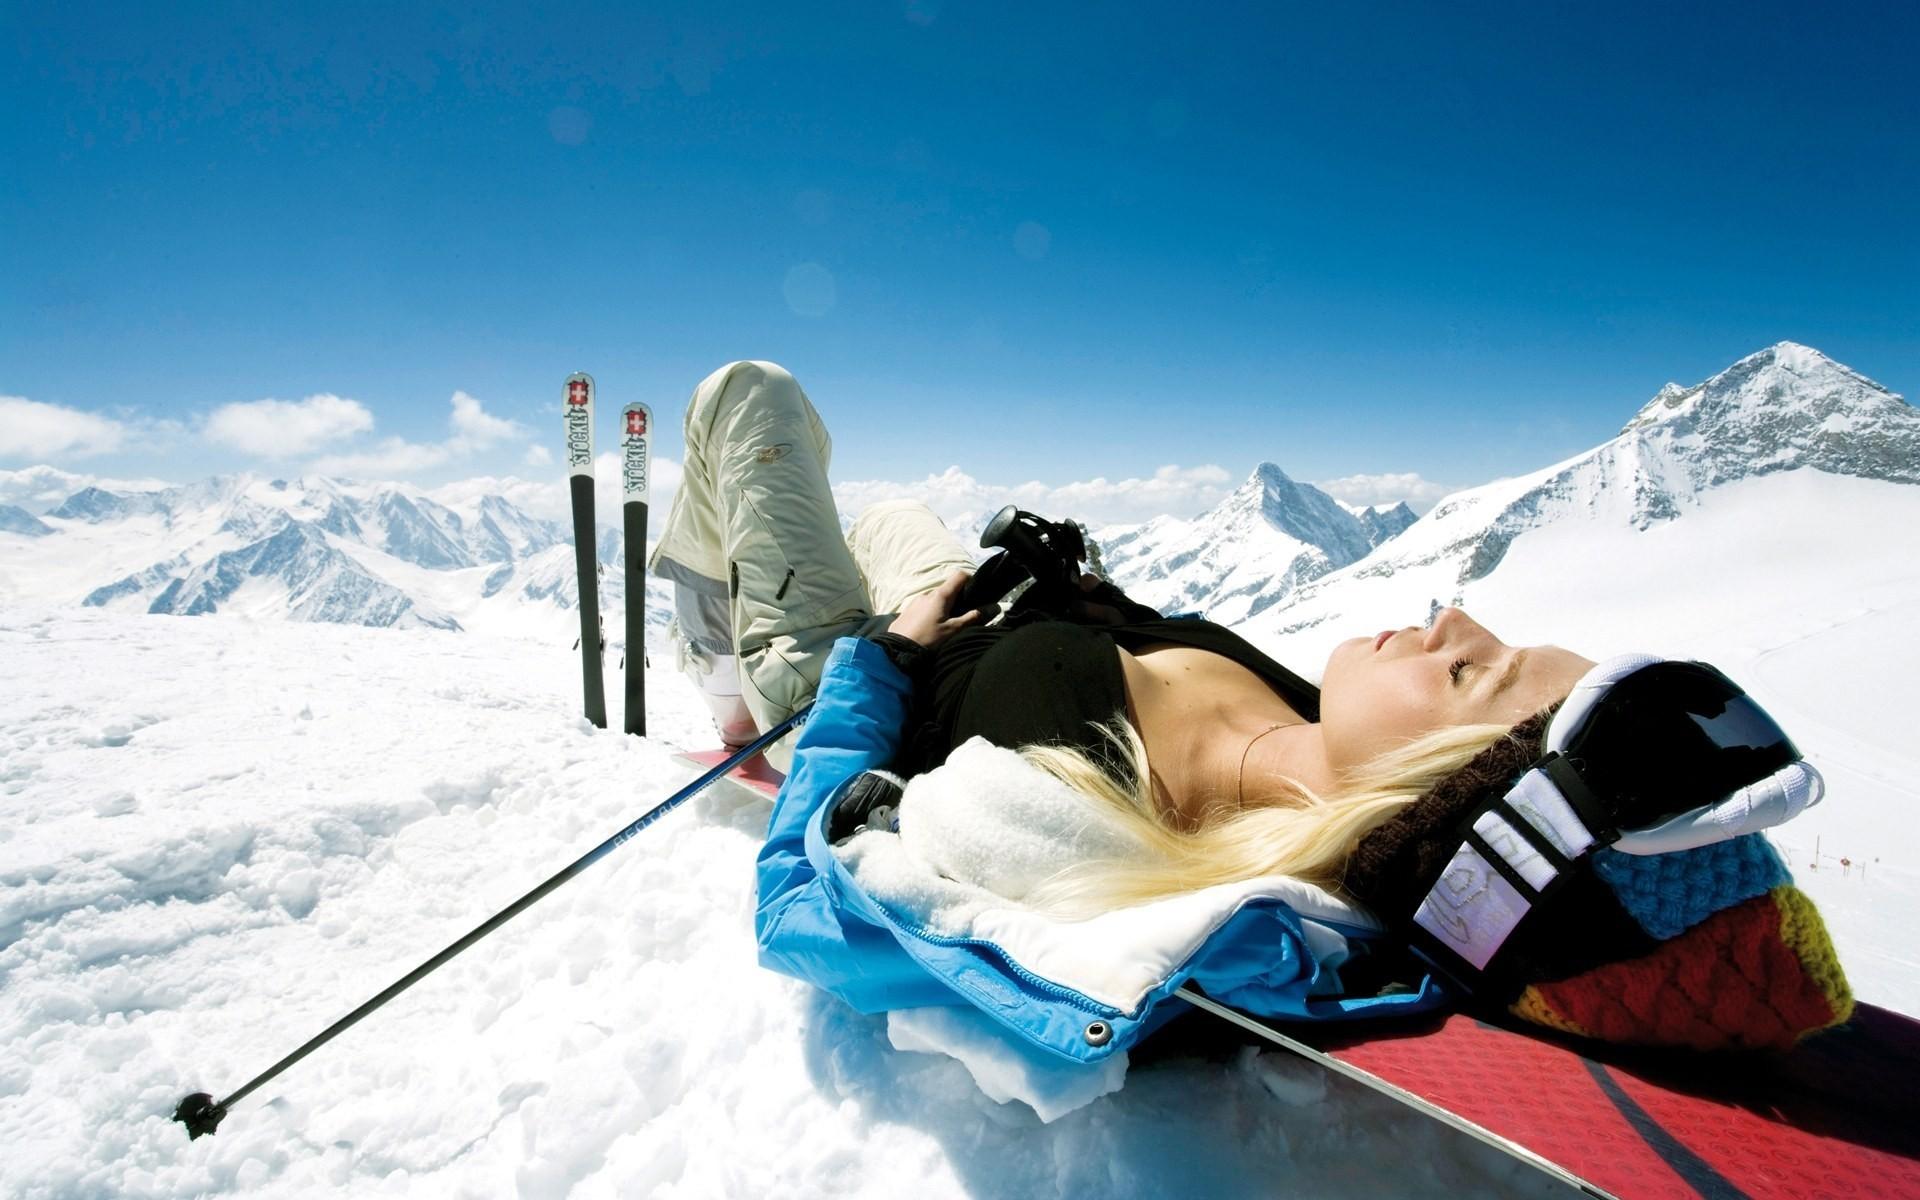 Una chica descansando en la nieve - 1920x1200